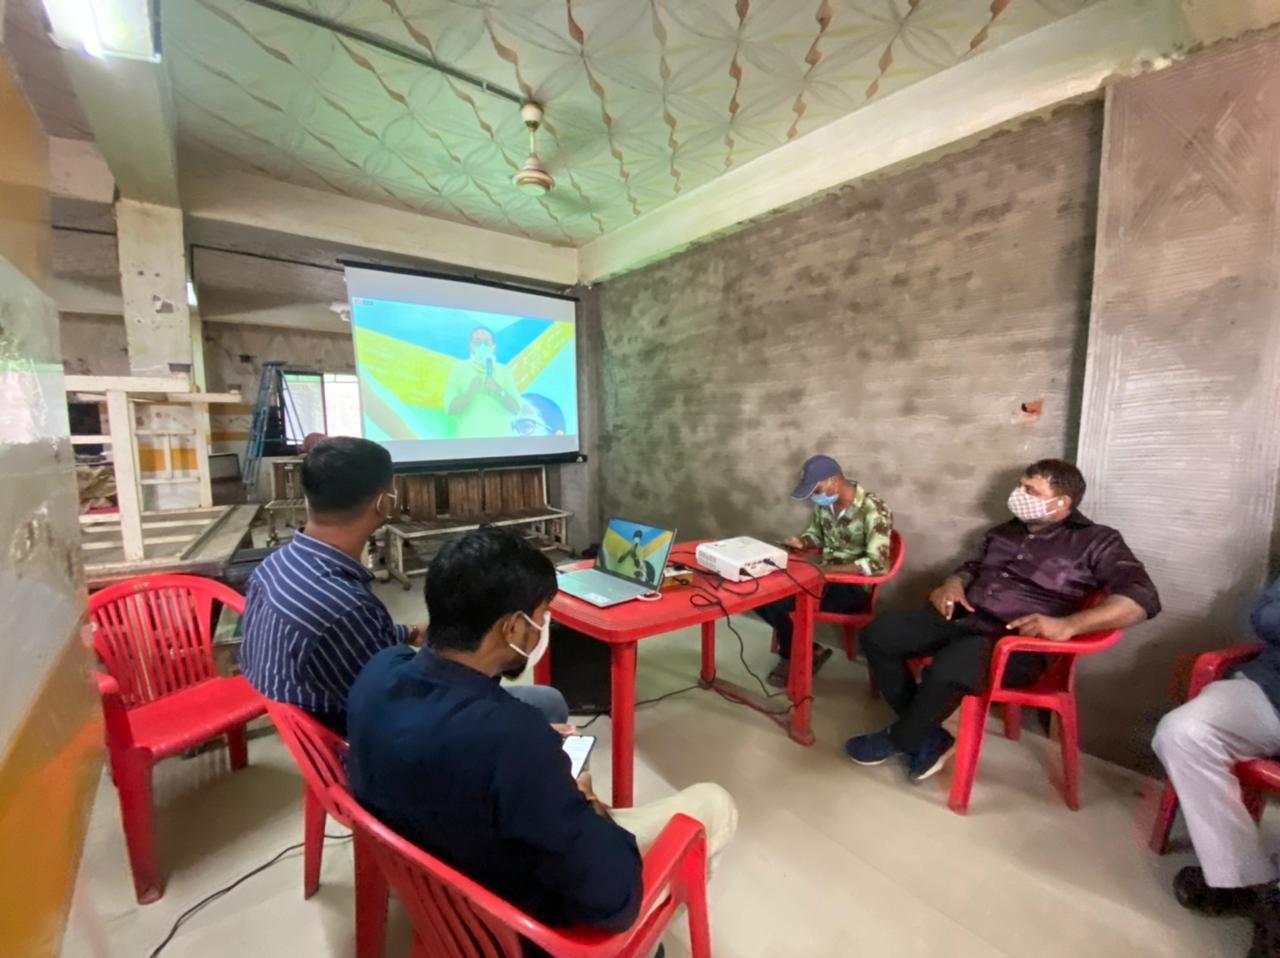 ઈસનપુરની હોટલમાં TMCના કાર્યકર્તાઓએ વર્ચ્યુઅલ કાર્યક્રમમાં ભાગ લીધો.